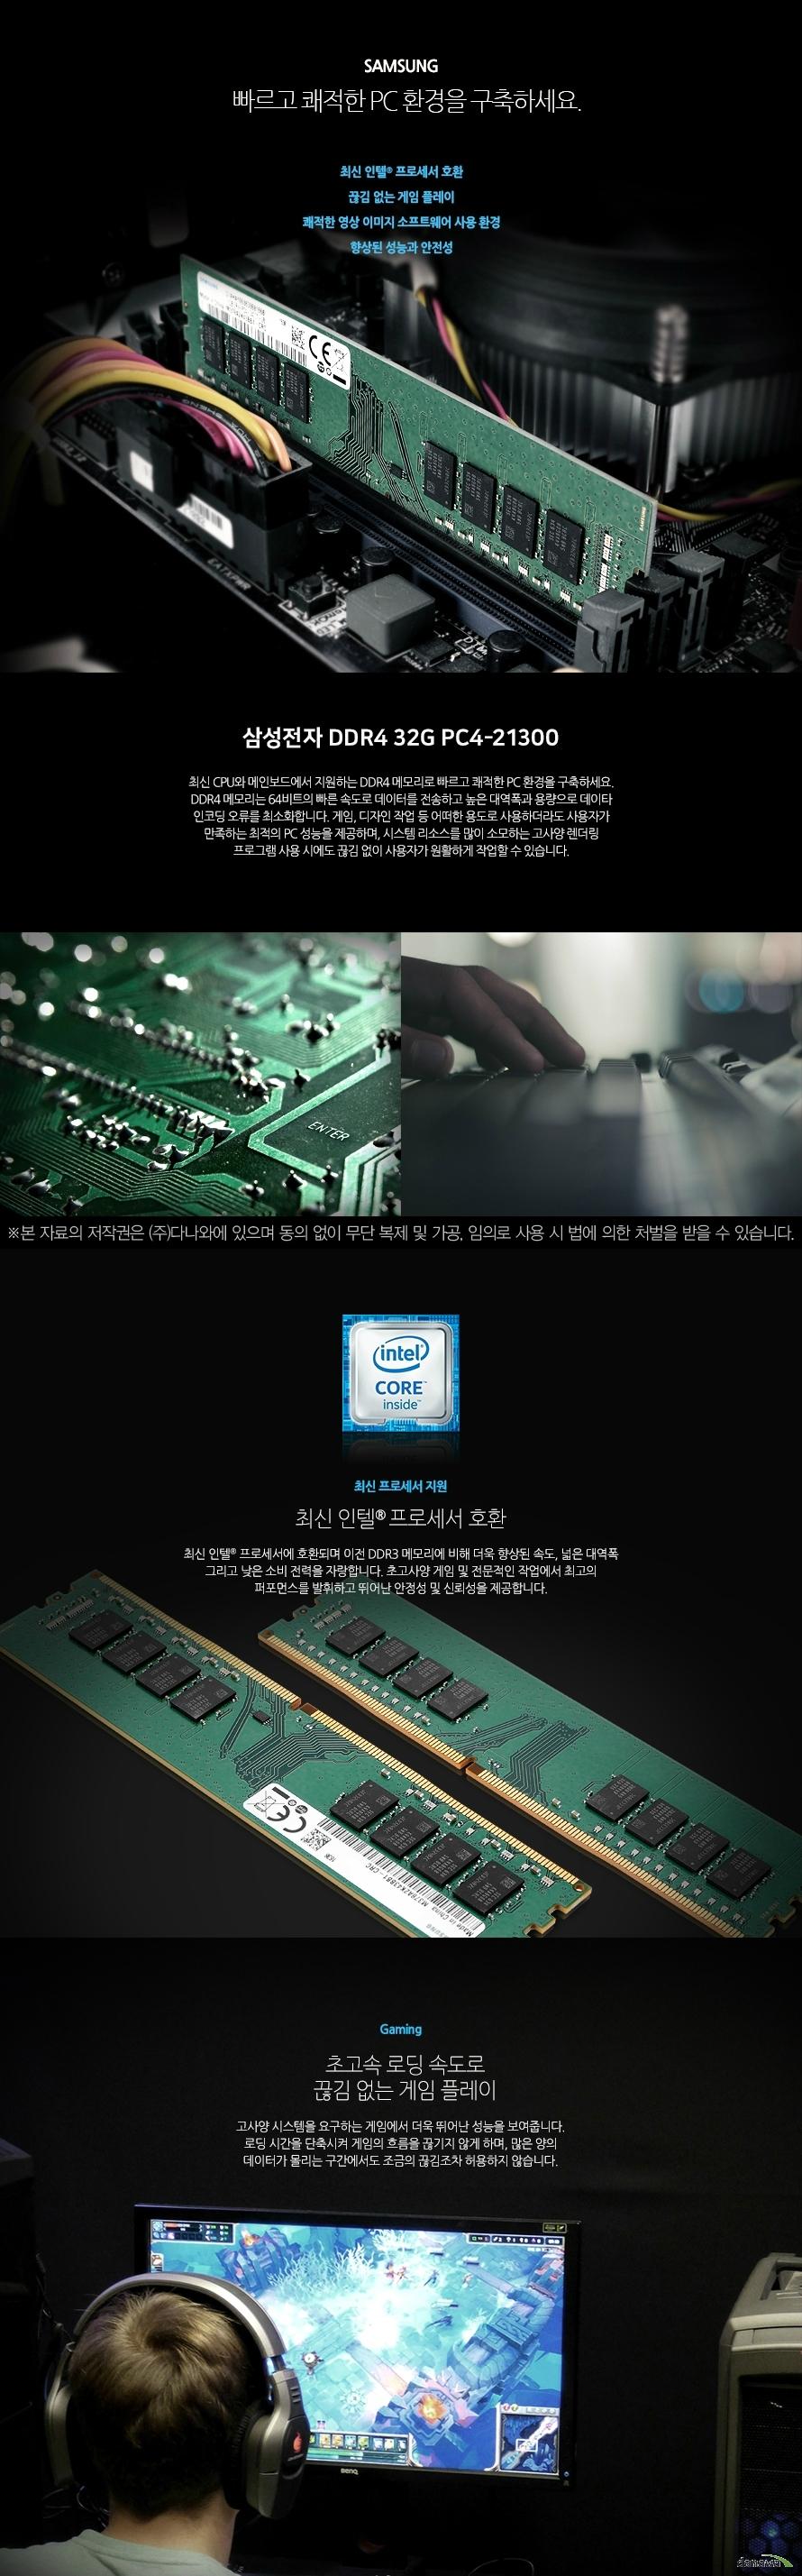 삼성전자 DDR4 32G PC4-21300 (정품) 빠르고 쾌적한 PC 환경을 구축하세요. 최신 인텔 프로세서 호환 끊김 없는 게임 플레이  쾌적한 영상 이미지 소프트웨어 사용 환경  향상된 성능과 안전성  최신 CPU와 메인보드에서 지원하는 DDR4 메모리로 빠르고 쾌적한 PC 환경을 구축하세요. DDR4 메모리는 64비트의 빠른 속도로 데이터를 전송하고 높은 대역폭과 용량으로 데이타 인코딩 오류를 최소화합니다. 게임, 디자인 작업 등 어떠한 용도로 사용하더라도 사용자가 만족하는 최적의 PC 성능을 제공하며, 시스템 리소스를 많이 소모하는 고사양 렌더링 프로그램 사용 시에도 끊김 없이 사용자가 원활하게 작업할 수 있습니다.   최신 프로세서 지원 최신 인텔 프로세서 호환 최신 인텔 프로세서에 호환되며 이전 DDR3 메모리에 비해 더욱 향상된 속도, 넓은 대역폭 그리고 낮은 소비 전력을 자랑합니다. 초고사양 게임 및 전문적인 작업에서 최고의 퍼포먼스를 발휘하고 뛰어난 안정성 및 신뢰성을 제공합니다.     Gaming 초고속 로딩 속도로 끊김 없는 게임 플레이 고사양 시스템을 요구하는 게임에서 더욱 뛰어난 성능을 보여줍니다. 로딩 시간을 단축시켜 게임의 흐름을 끊기지 않게 하며, 많은 양의 데이터가 몰리는 구간에서도 조금의 끊김조차 허용하지 않습니다.  Design 웹, 그래픽, 영상 편집 프로그램 성능 향상 고성능 메모리로 작업 능률을 향상 시켜보세요. 고용량 사진 작업 및 고화질 영상 작업, 렌더링, 인코딩 작업을 할 때 더욱 큰 성능을 발휘합니다. 병목현상을 최소화하여 끊김, 지연 현상을 없애고 쾌적한 작업 환경을 조성할 수 있도록 도와줍니다.  clock 높은 메모리 클럭으로 더욱 빠른 PC환경! 높은 메모리 동작 클럭이 빠른 동작 속도를 제공함으로써, 사용자는 더욱 쾌적한 PC 사용환경을 경험할 수 있습니다. 일반 메모리에 비해 향상된 성능과 안전성으로 게이밍, 그래픽 작업 등 다양한 환경에서 최고의 퍼포먼스를 제공합니다.